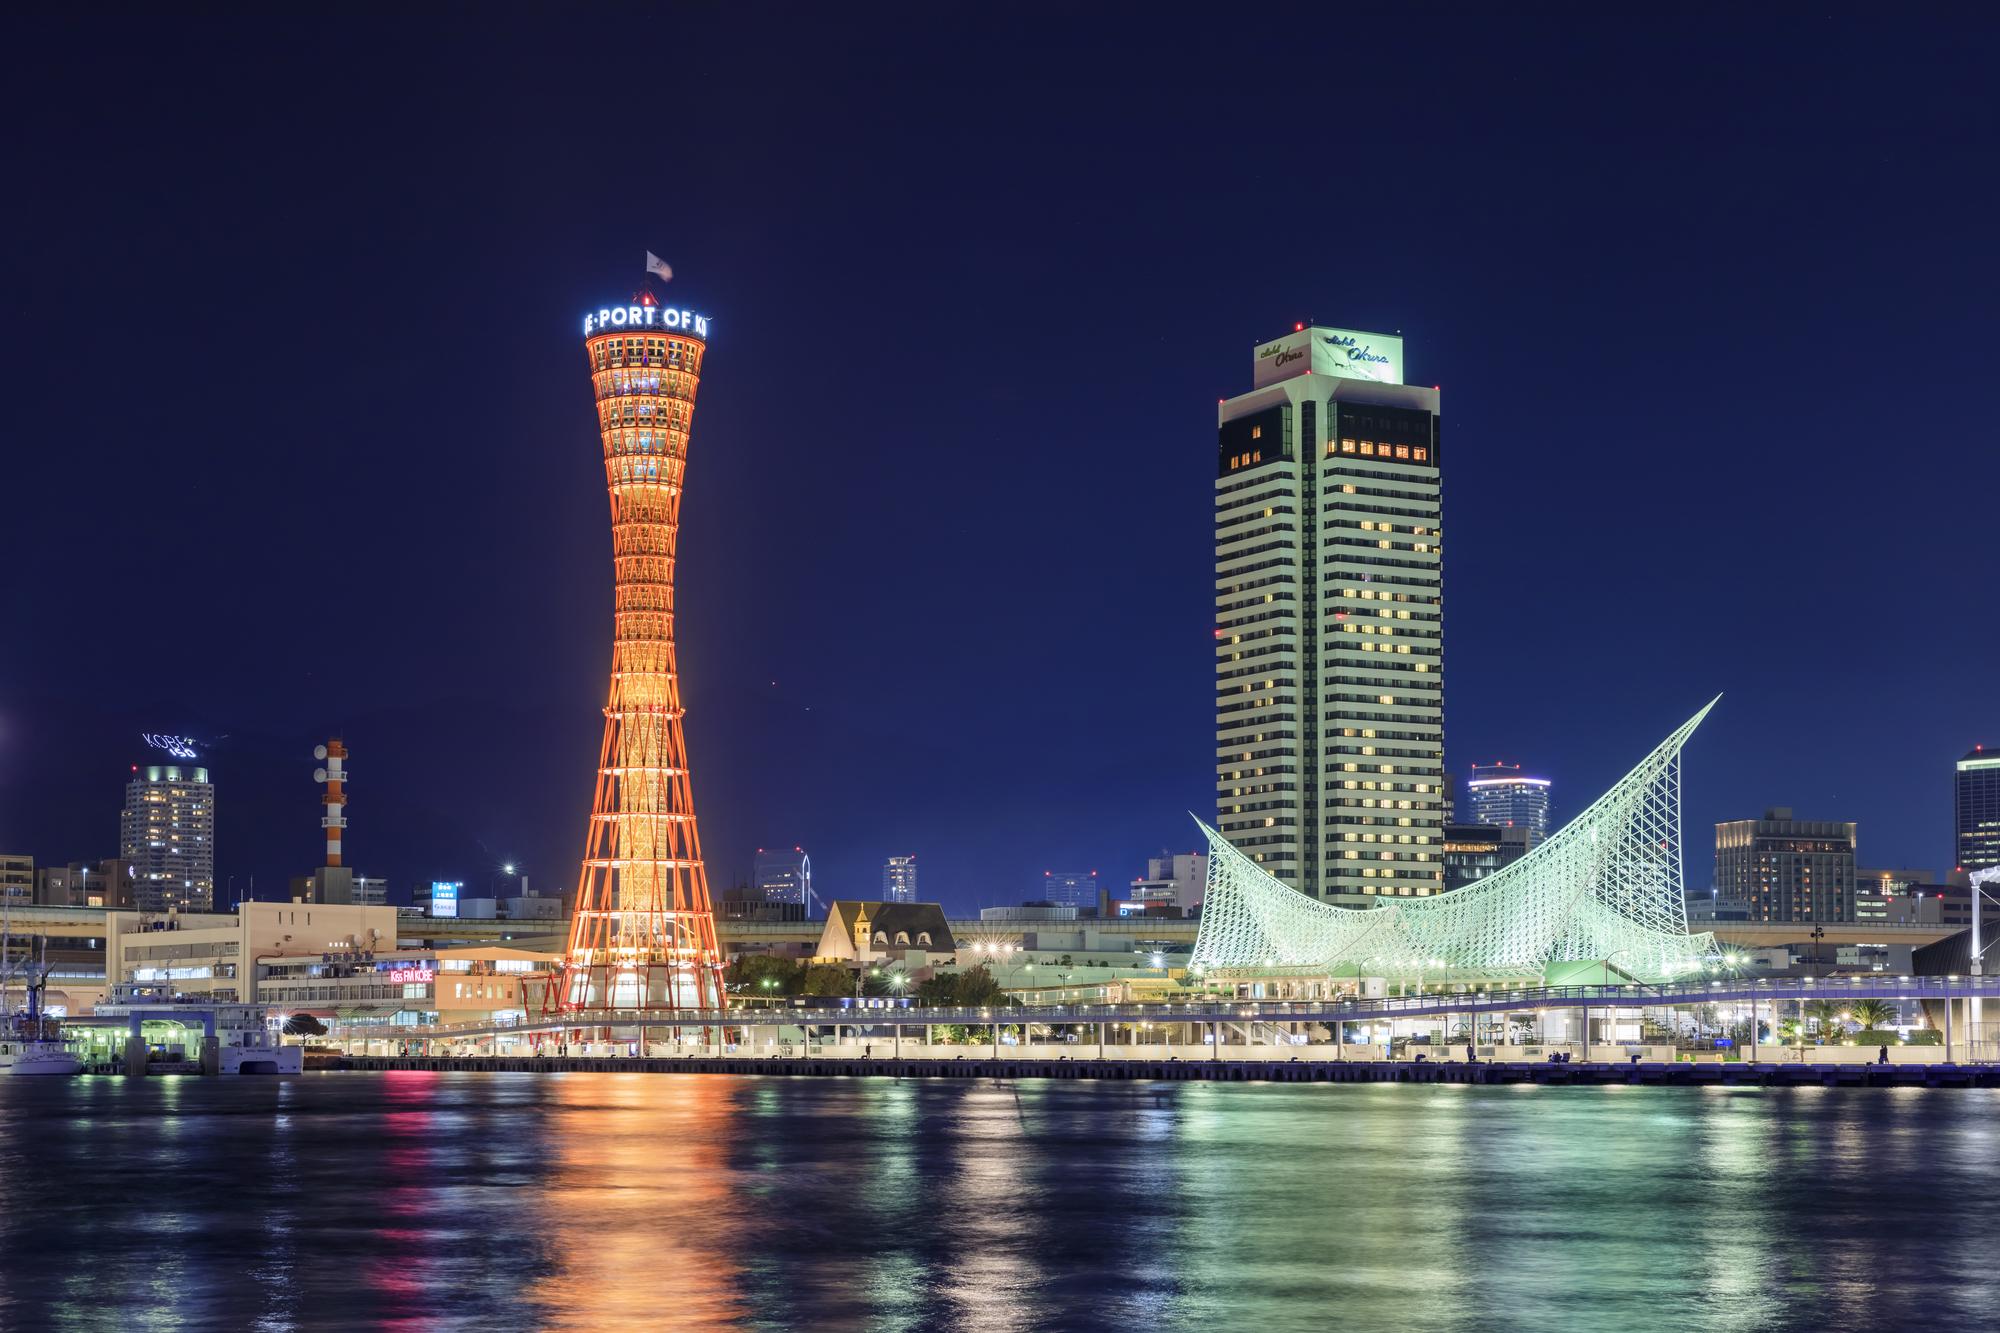 神戸のおすすめクラブ13選!おしゃれな街の人気スポットをご紹介!